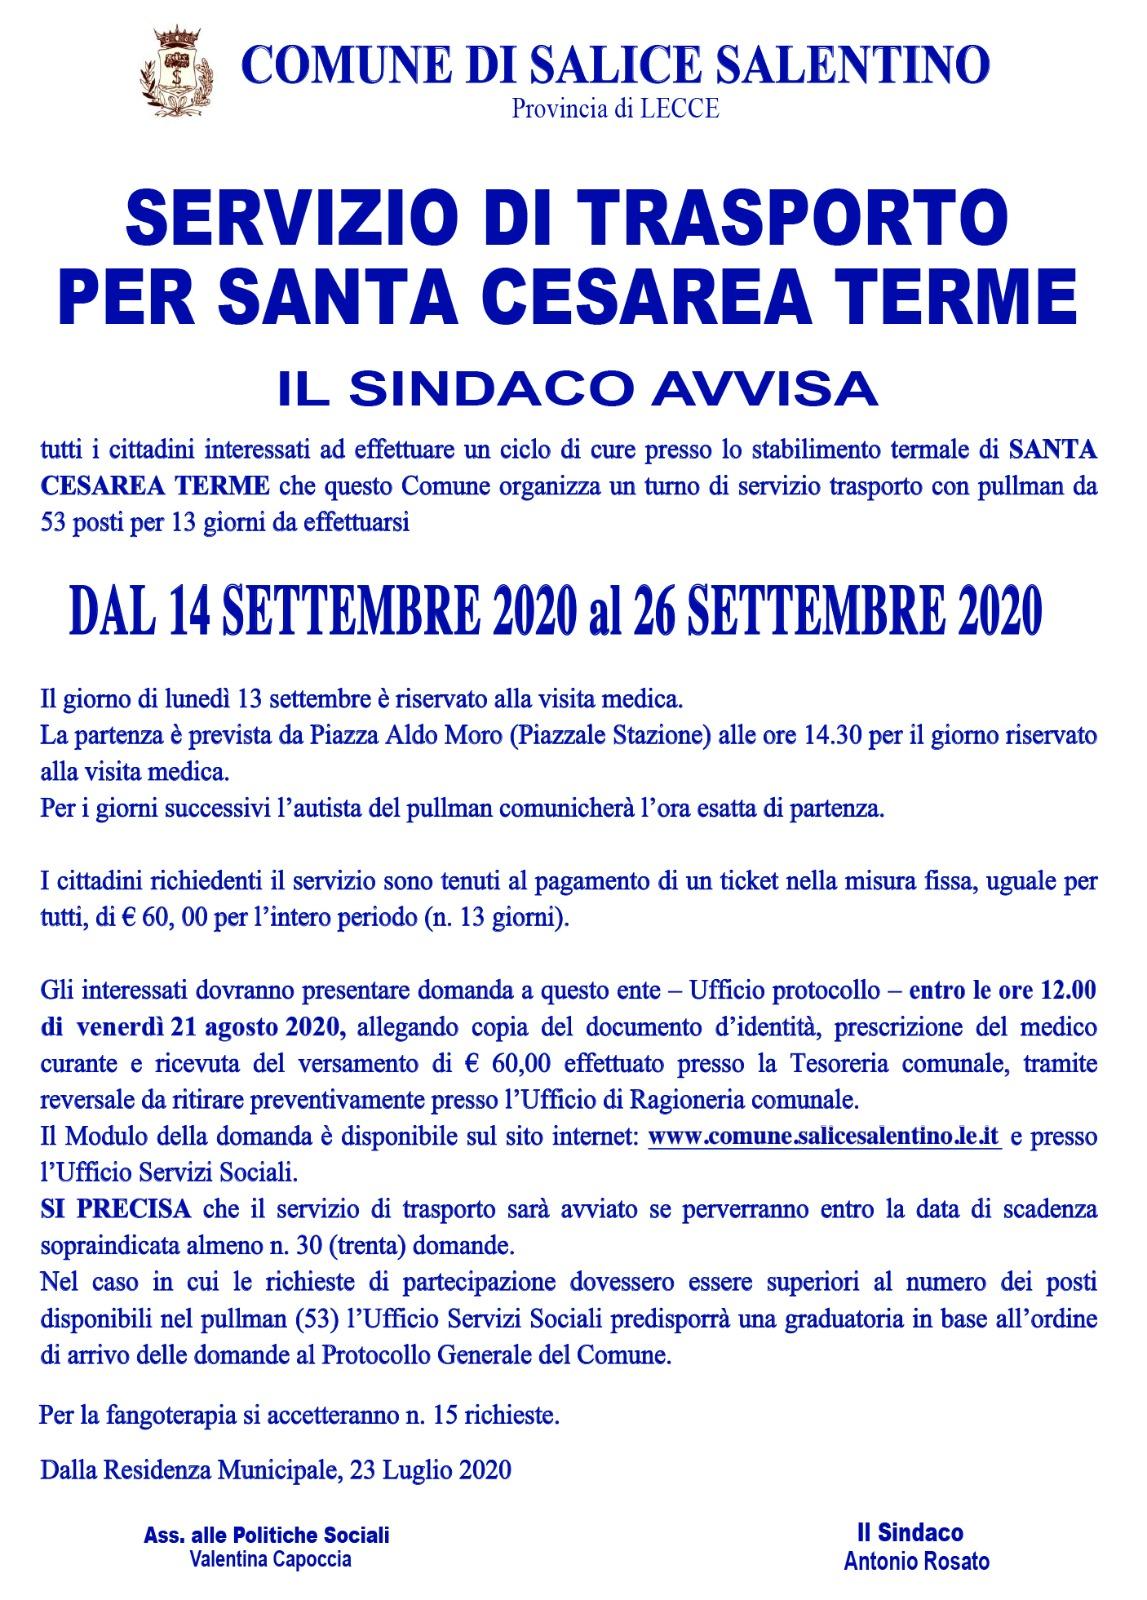 Terme Santa Cesarea